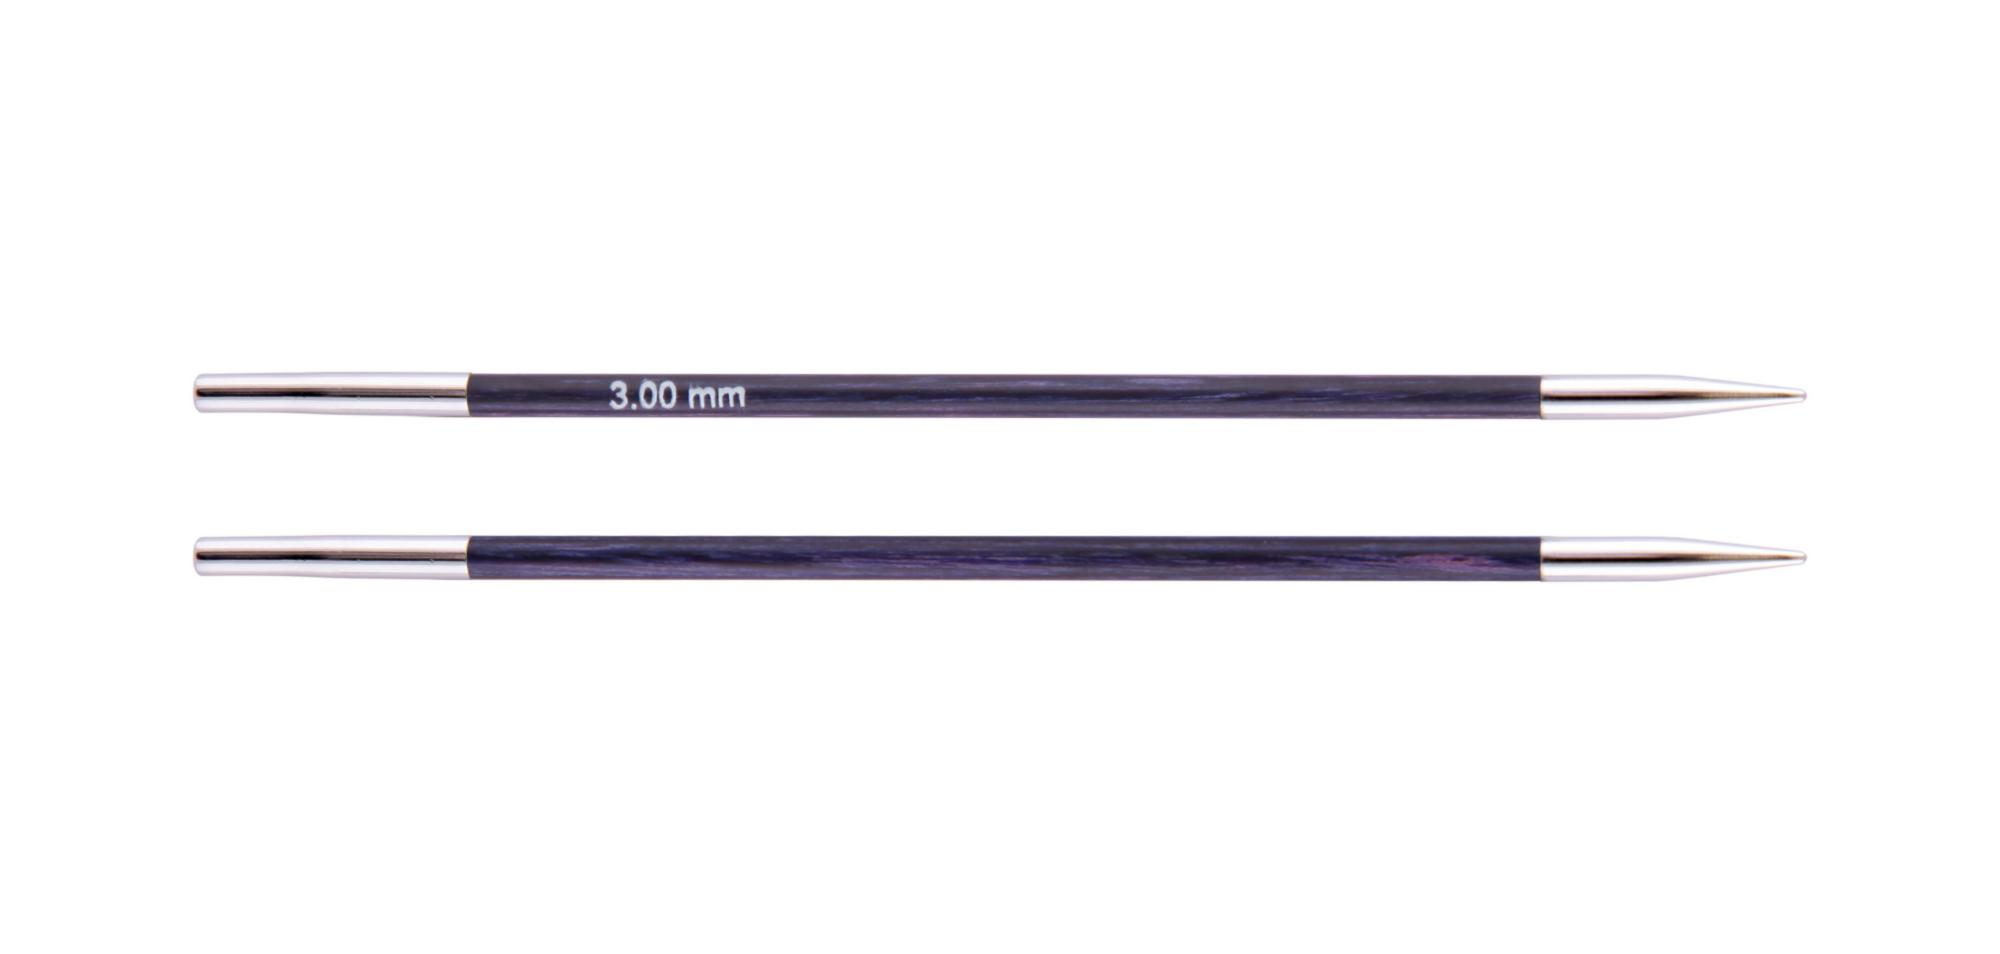 Спицы съемные короткие Royale KnitPro, 29271, 3.00 мм